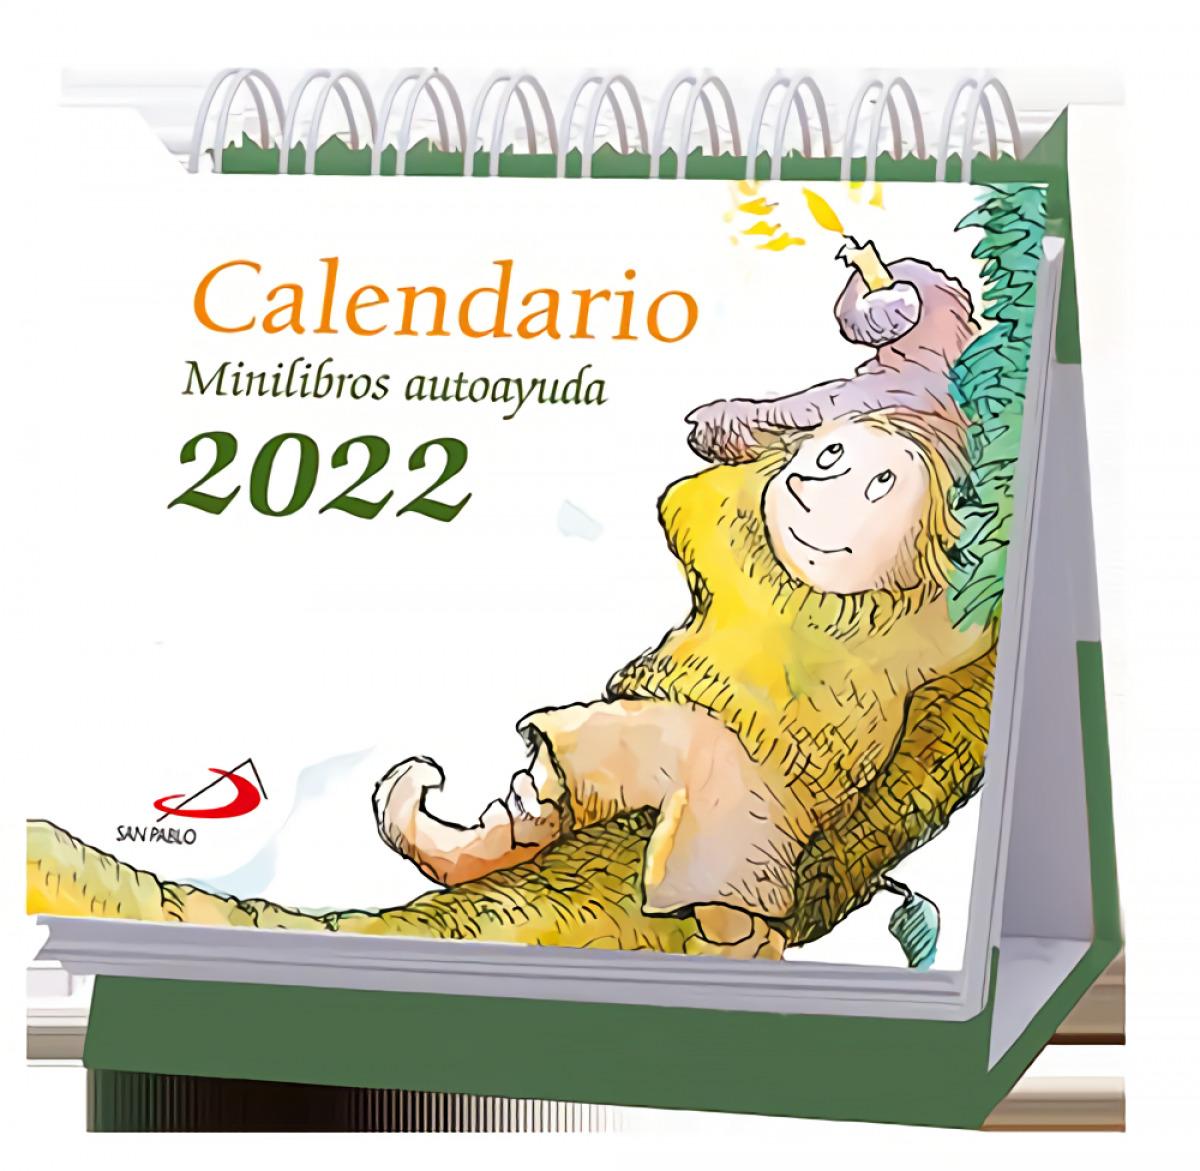 Calendario de mesa Minilibros autoayuda 2022